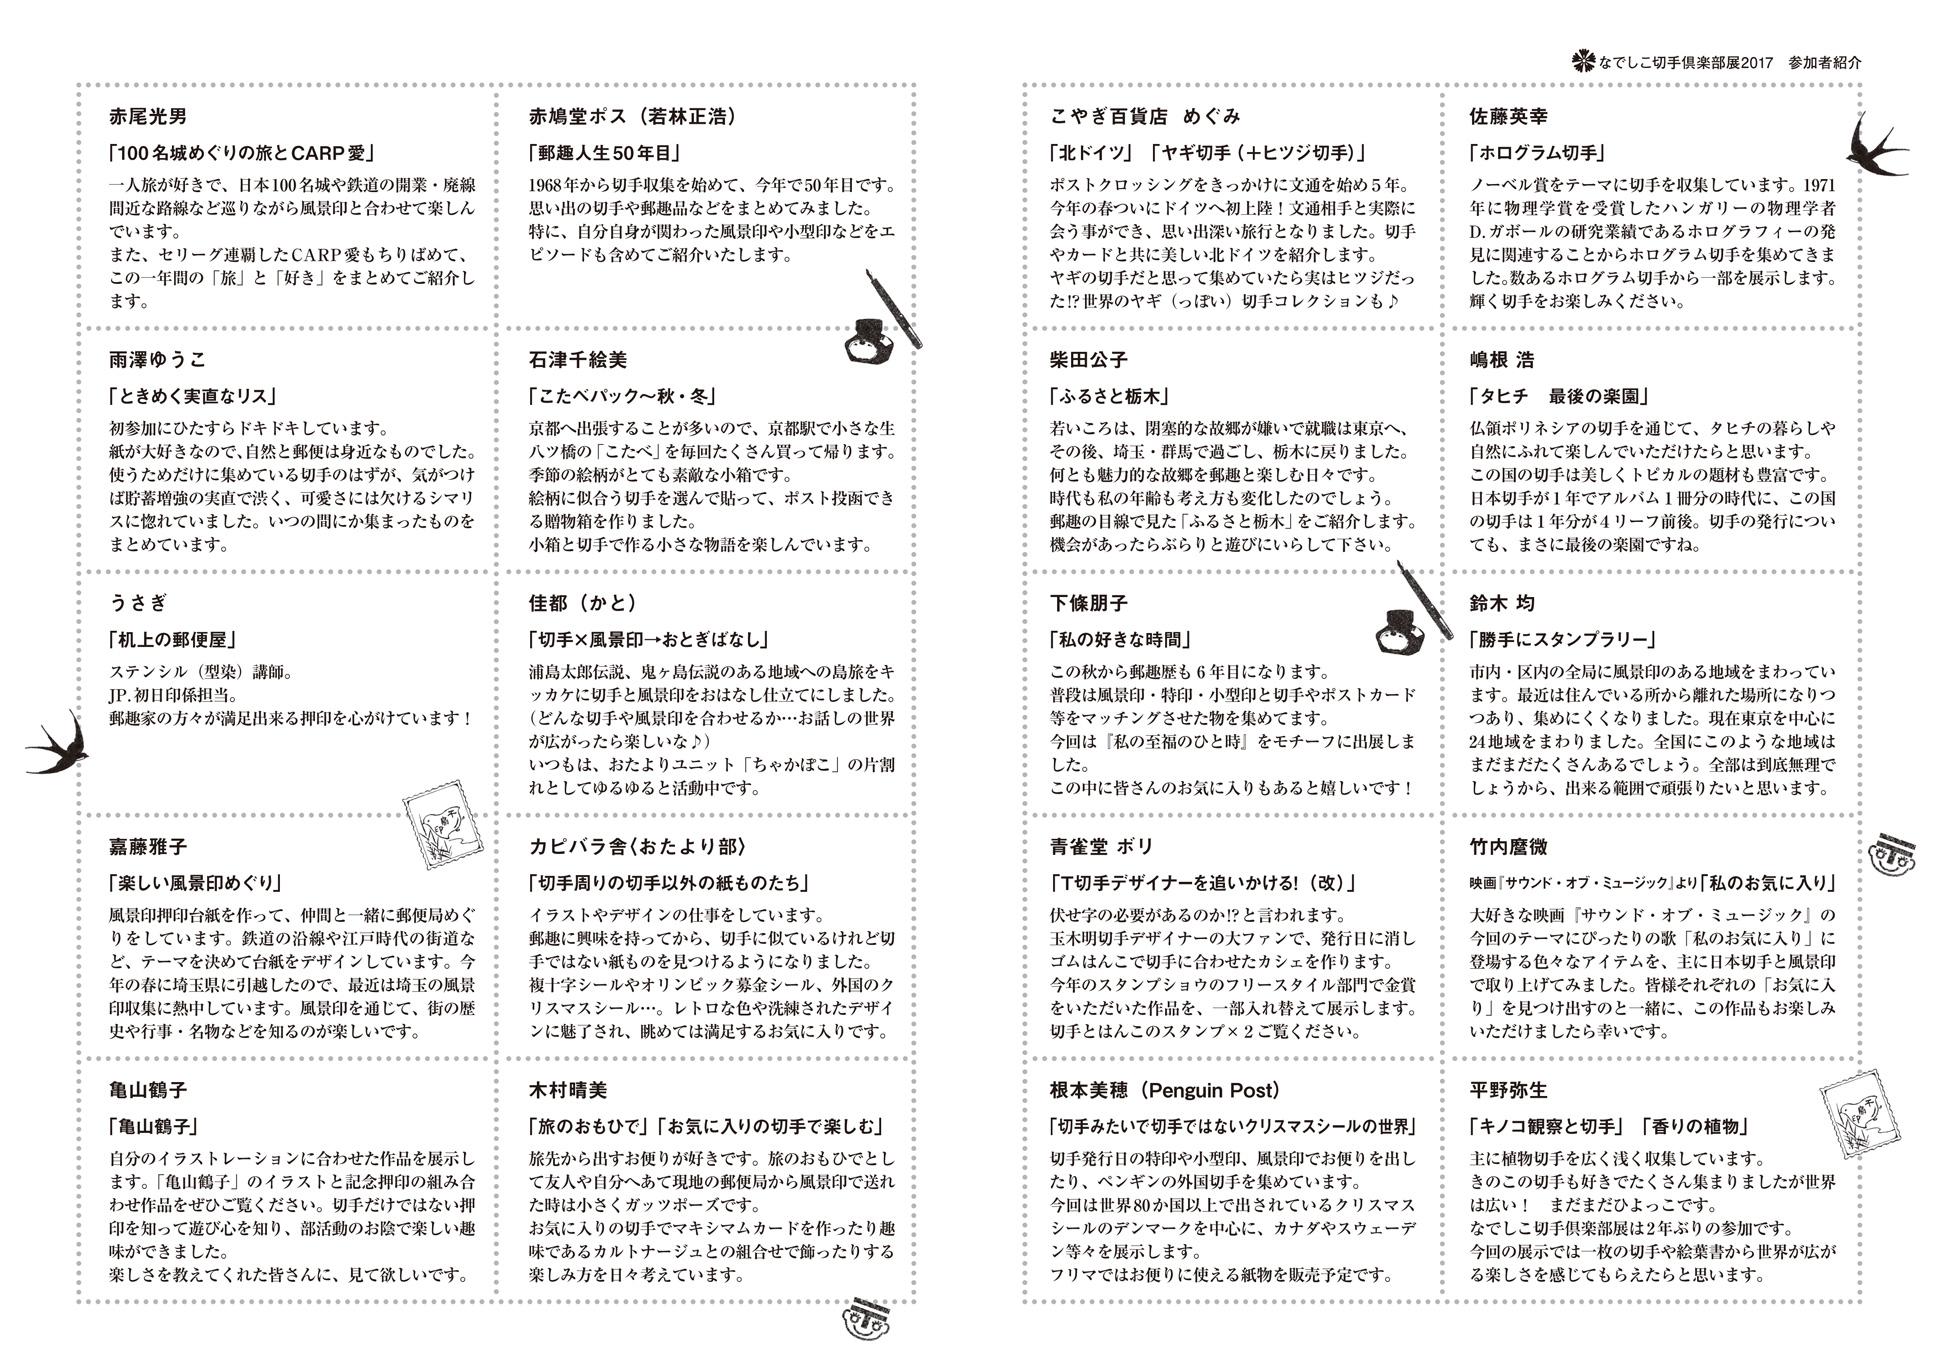 なでしこ切手倶楽部展2017パンフレット P2-3